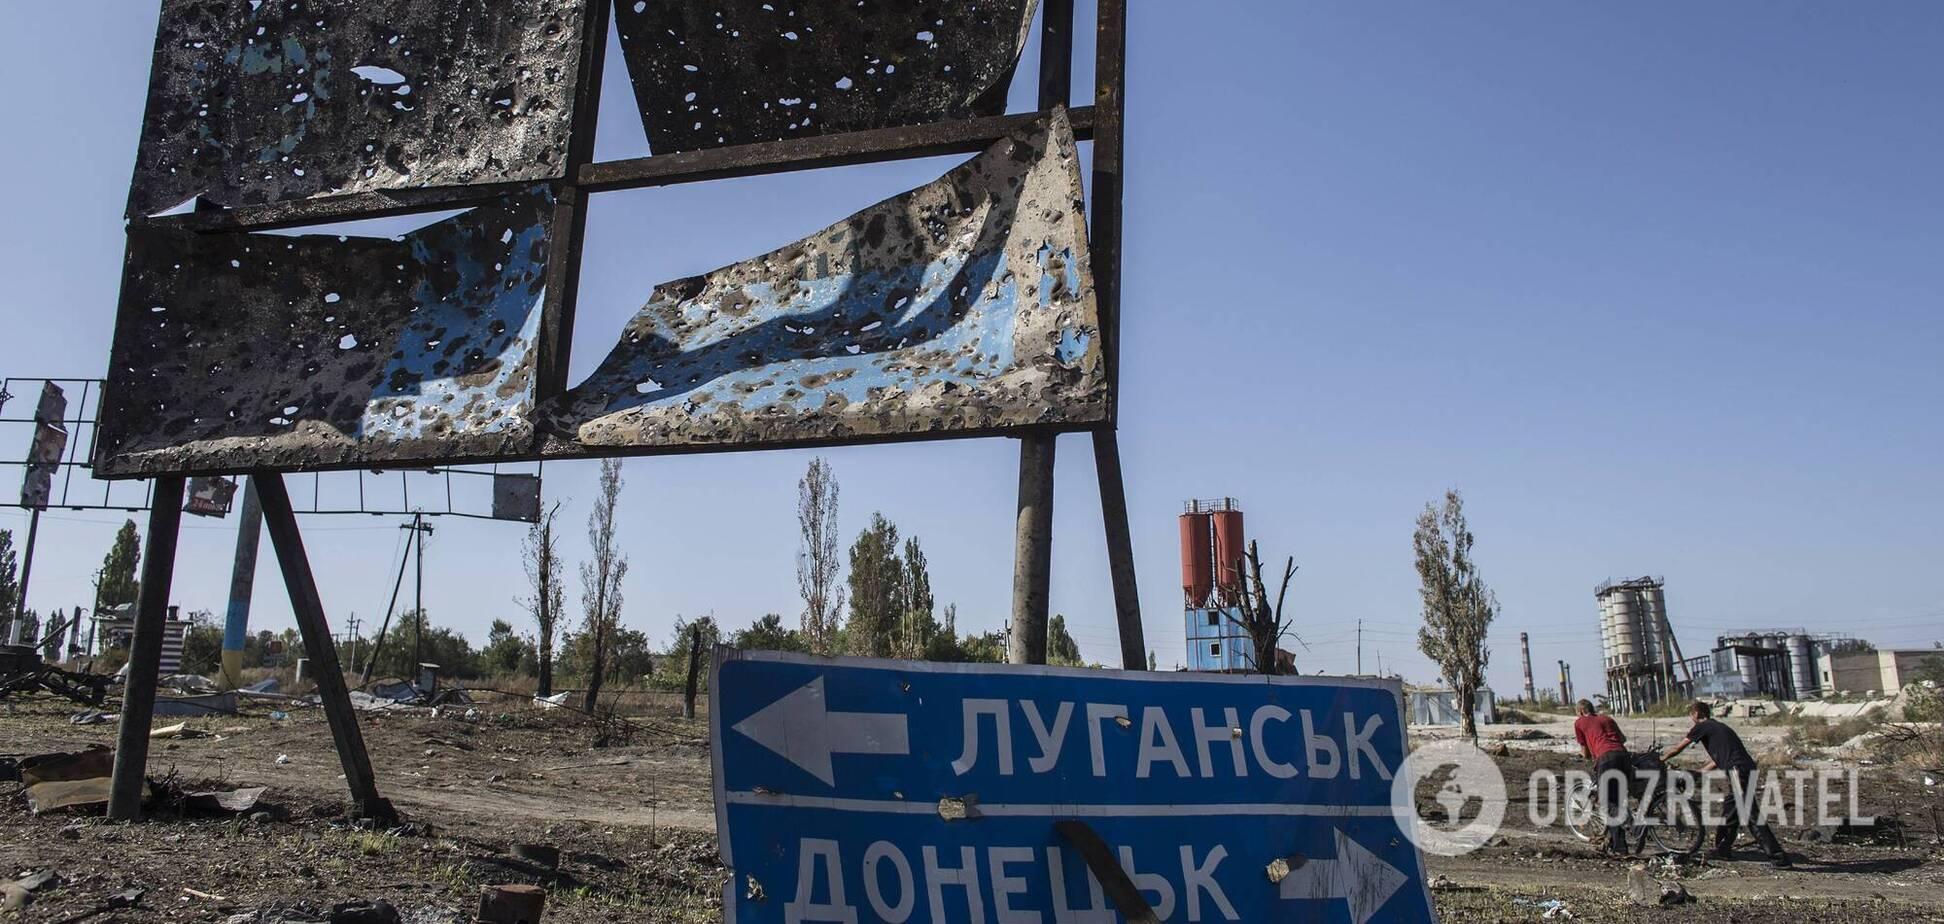 Кремль сменил стратегию по Донбассу: Пономарев раскрыл подробности нового плана